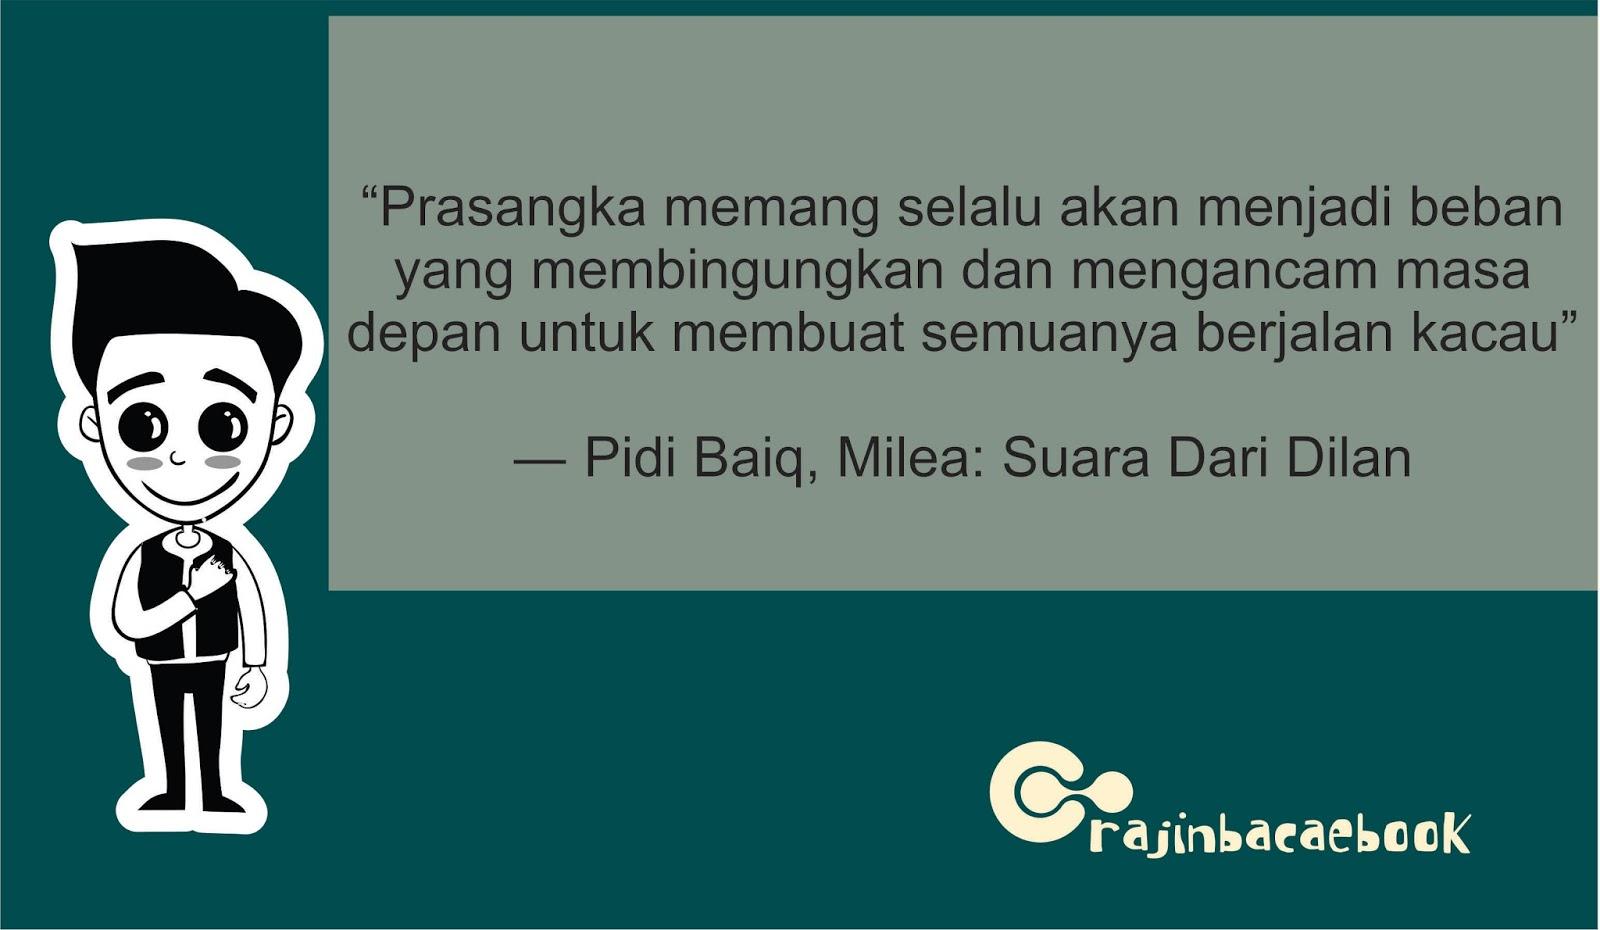 Download Ebook Gratis Pidi Baiq - Milea (Suara dari Dilan ...